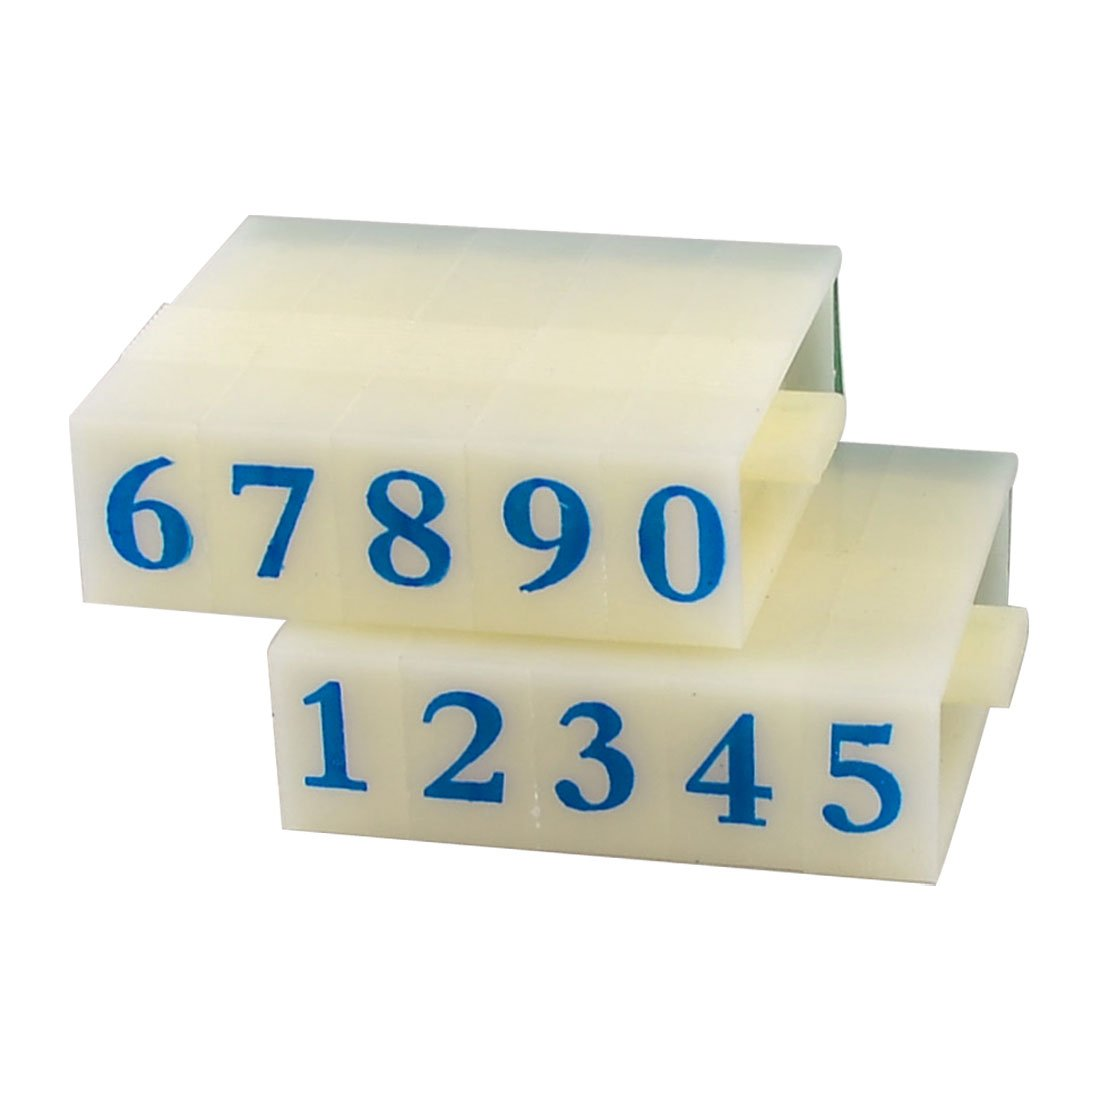 Beige alloggiamento in plastica verde gomma 0 –  9 numeri arabi cifre timbro Seal SourcingMap a13030600ux0775